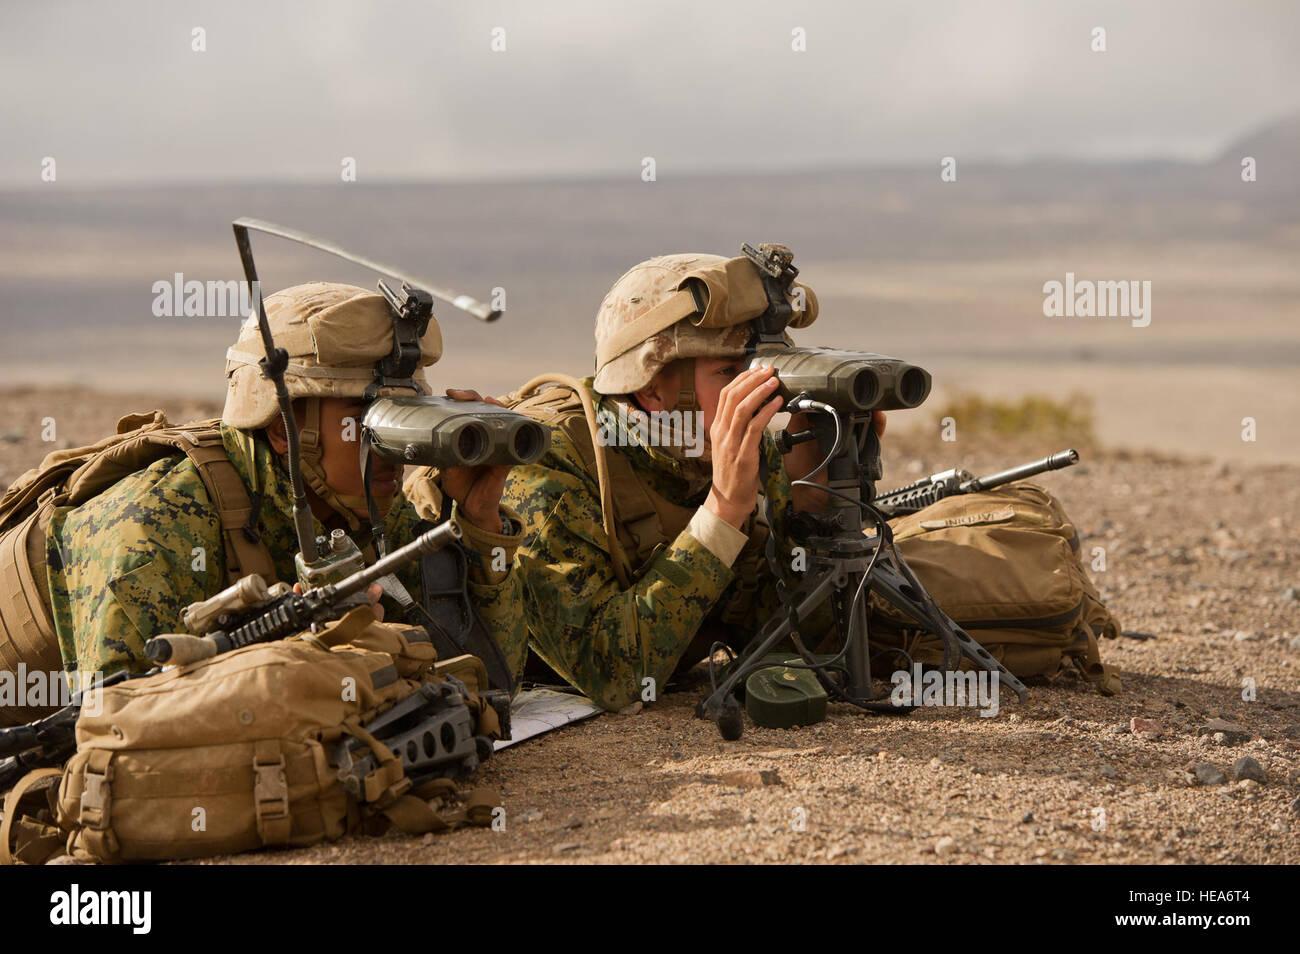 Entfernungsmesser Marine : U s marine corps lance cpl gabriel ayel mortarman und